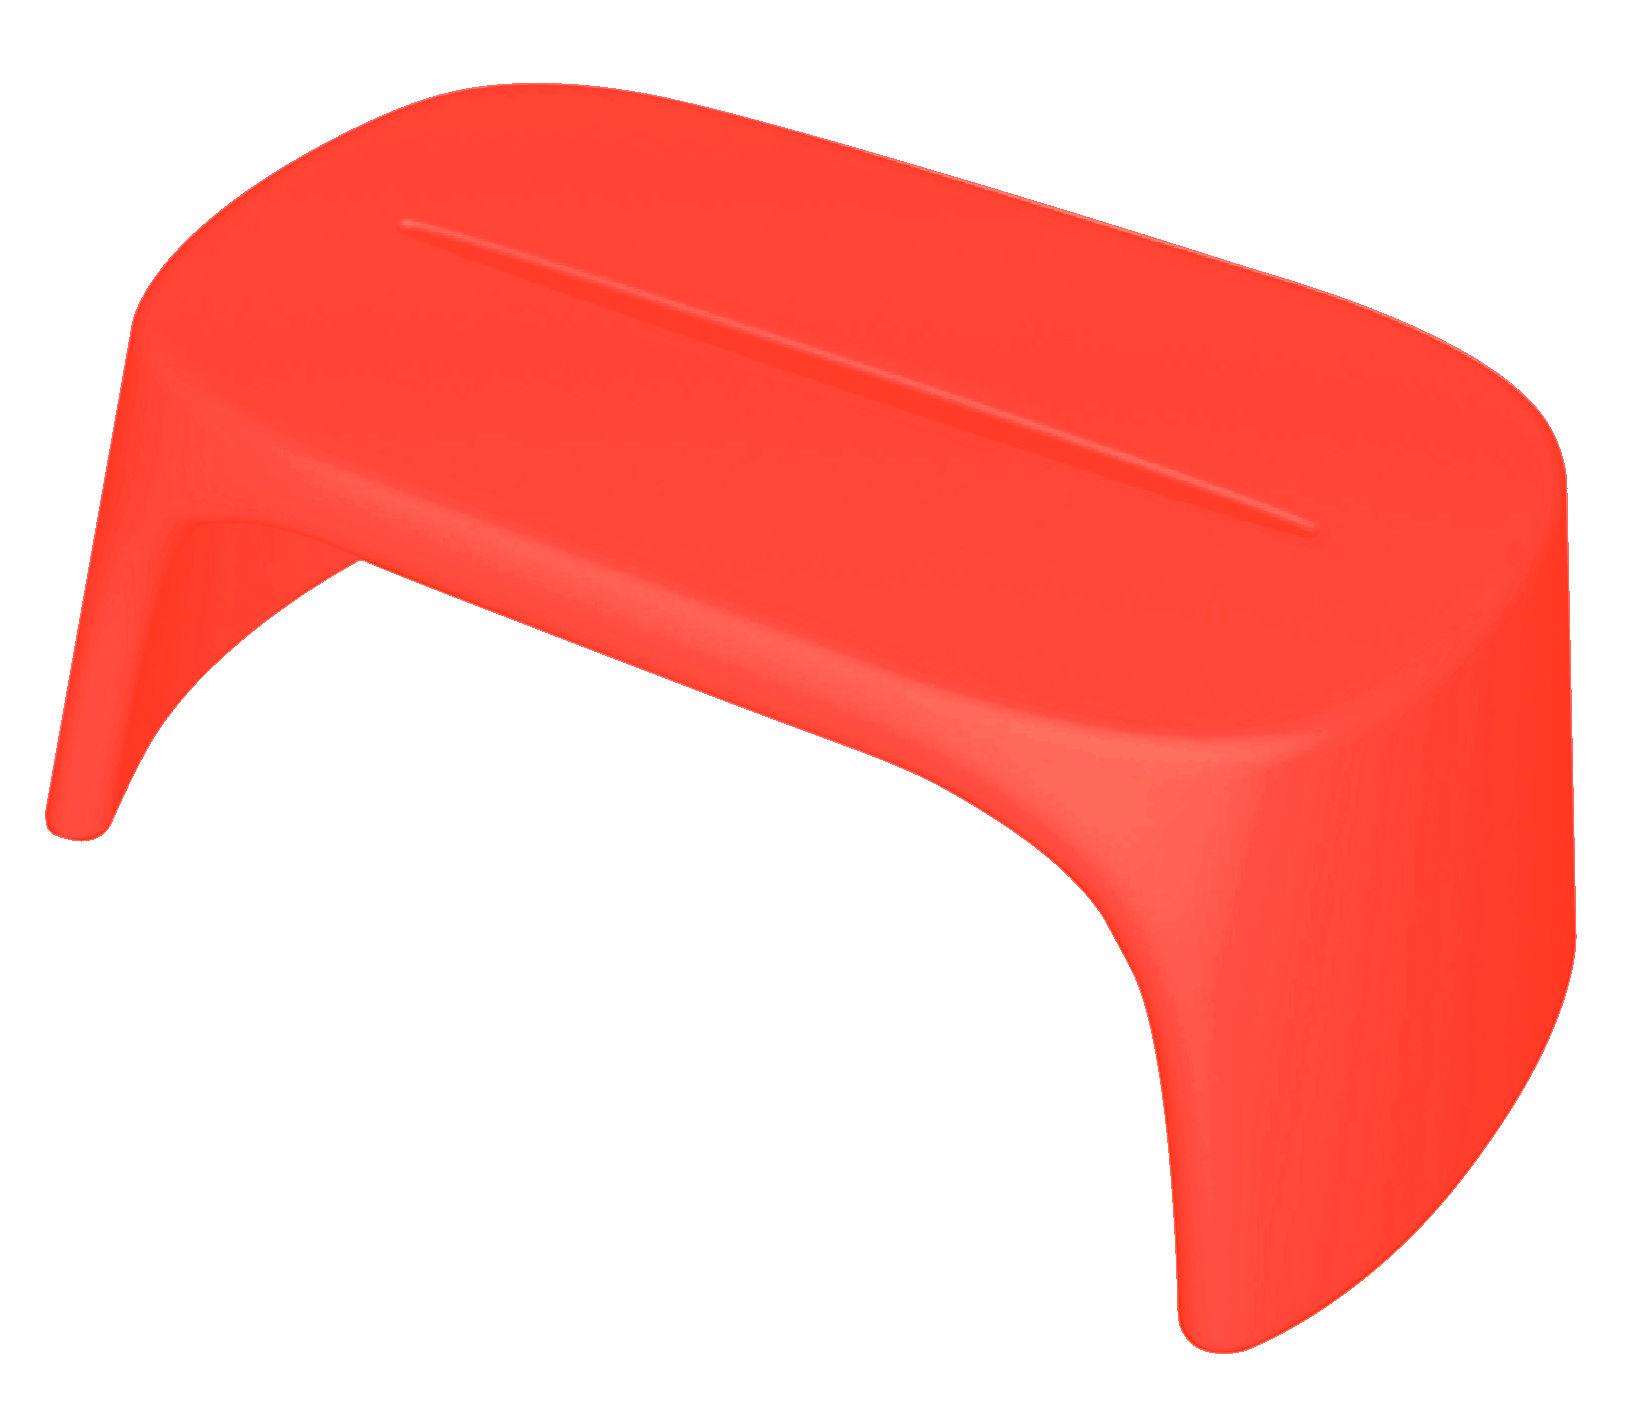 Arredamento - Tavolini  - Tavolino Amélie di Slide - Rosso - polietilene riciclabile